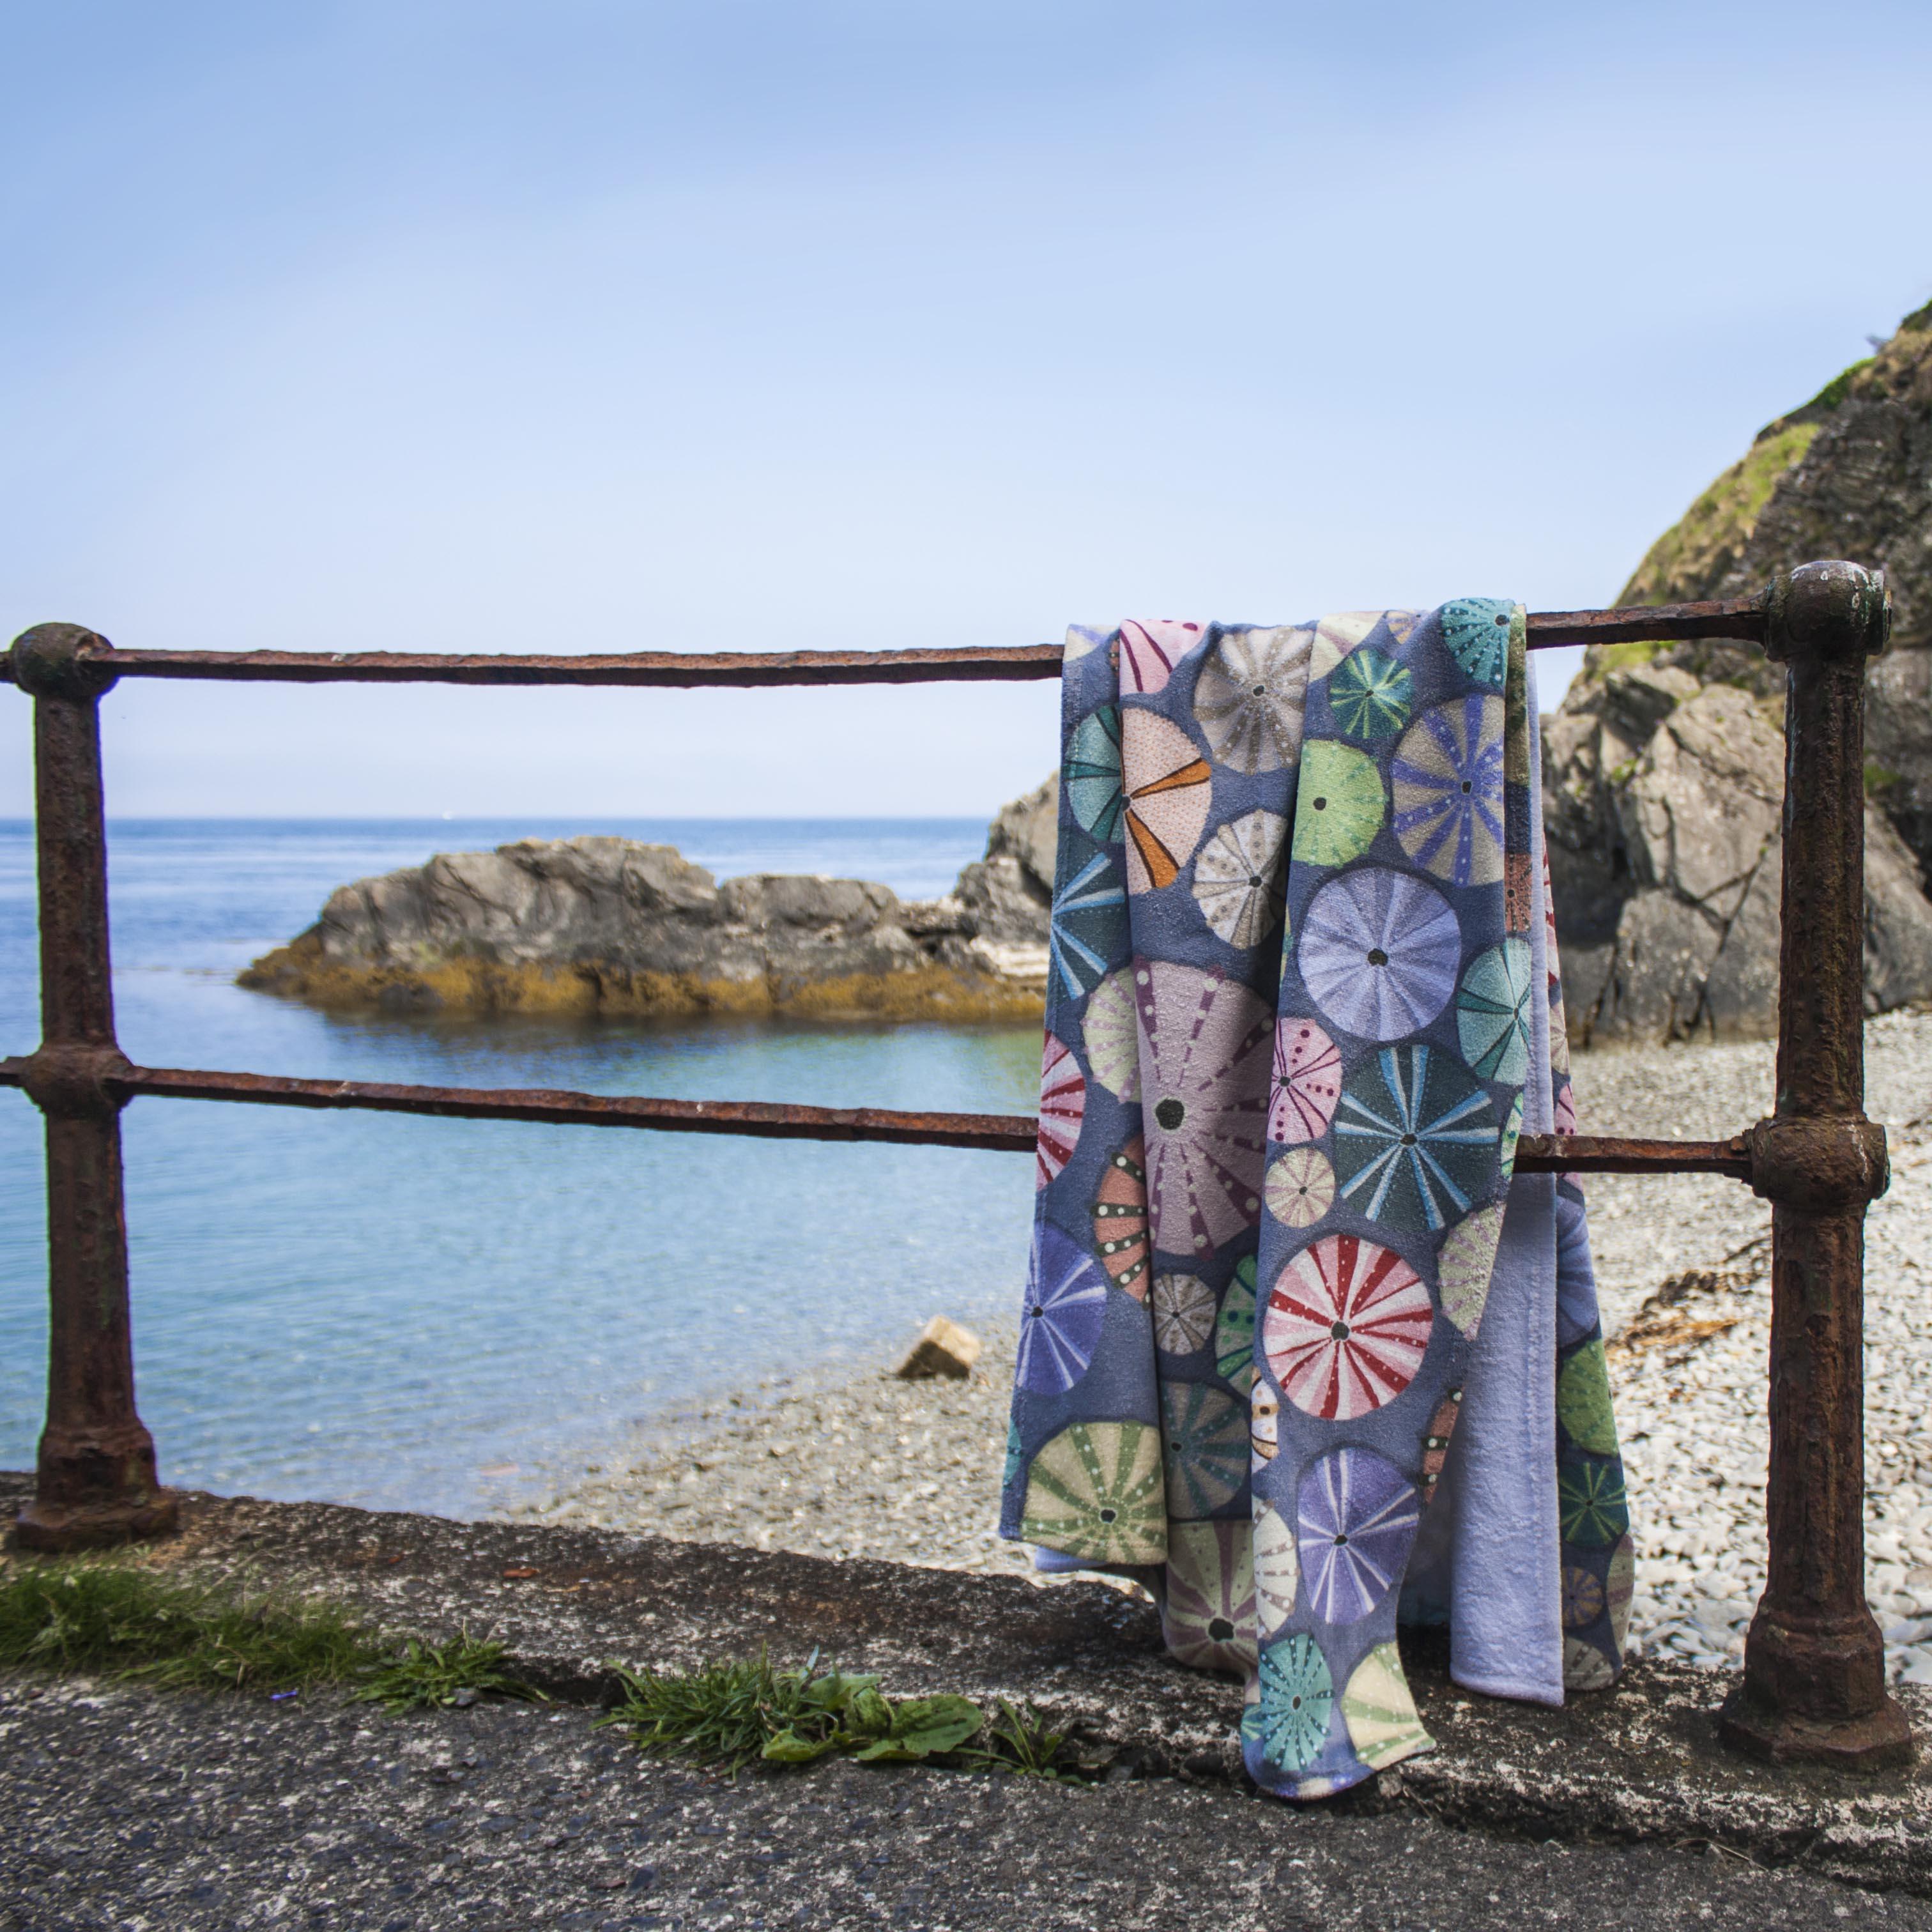 Fabric design by crumpetsandcrabsticks